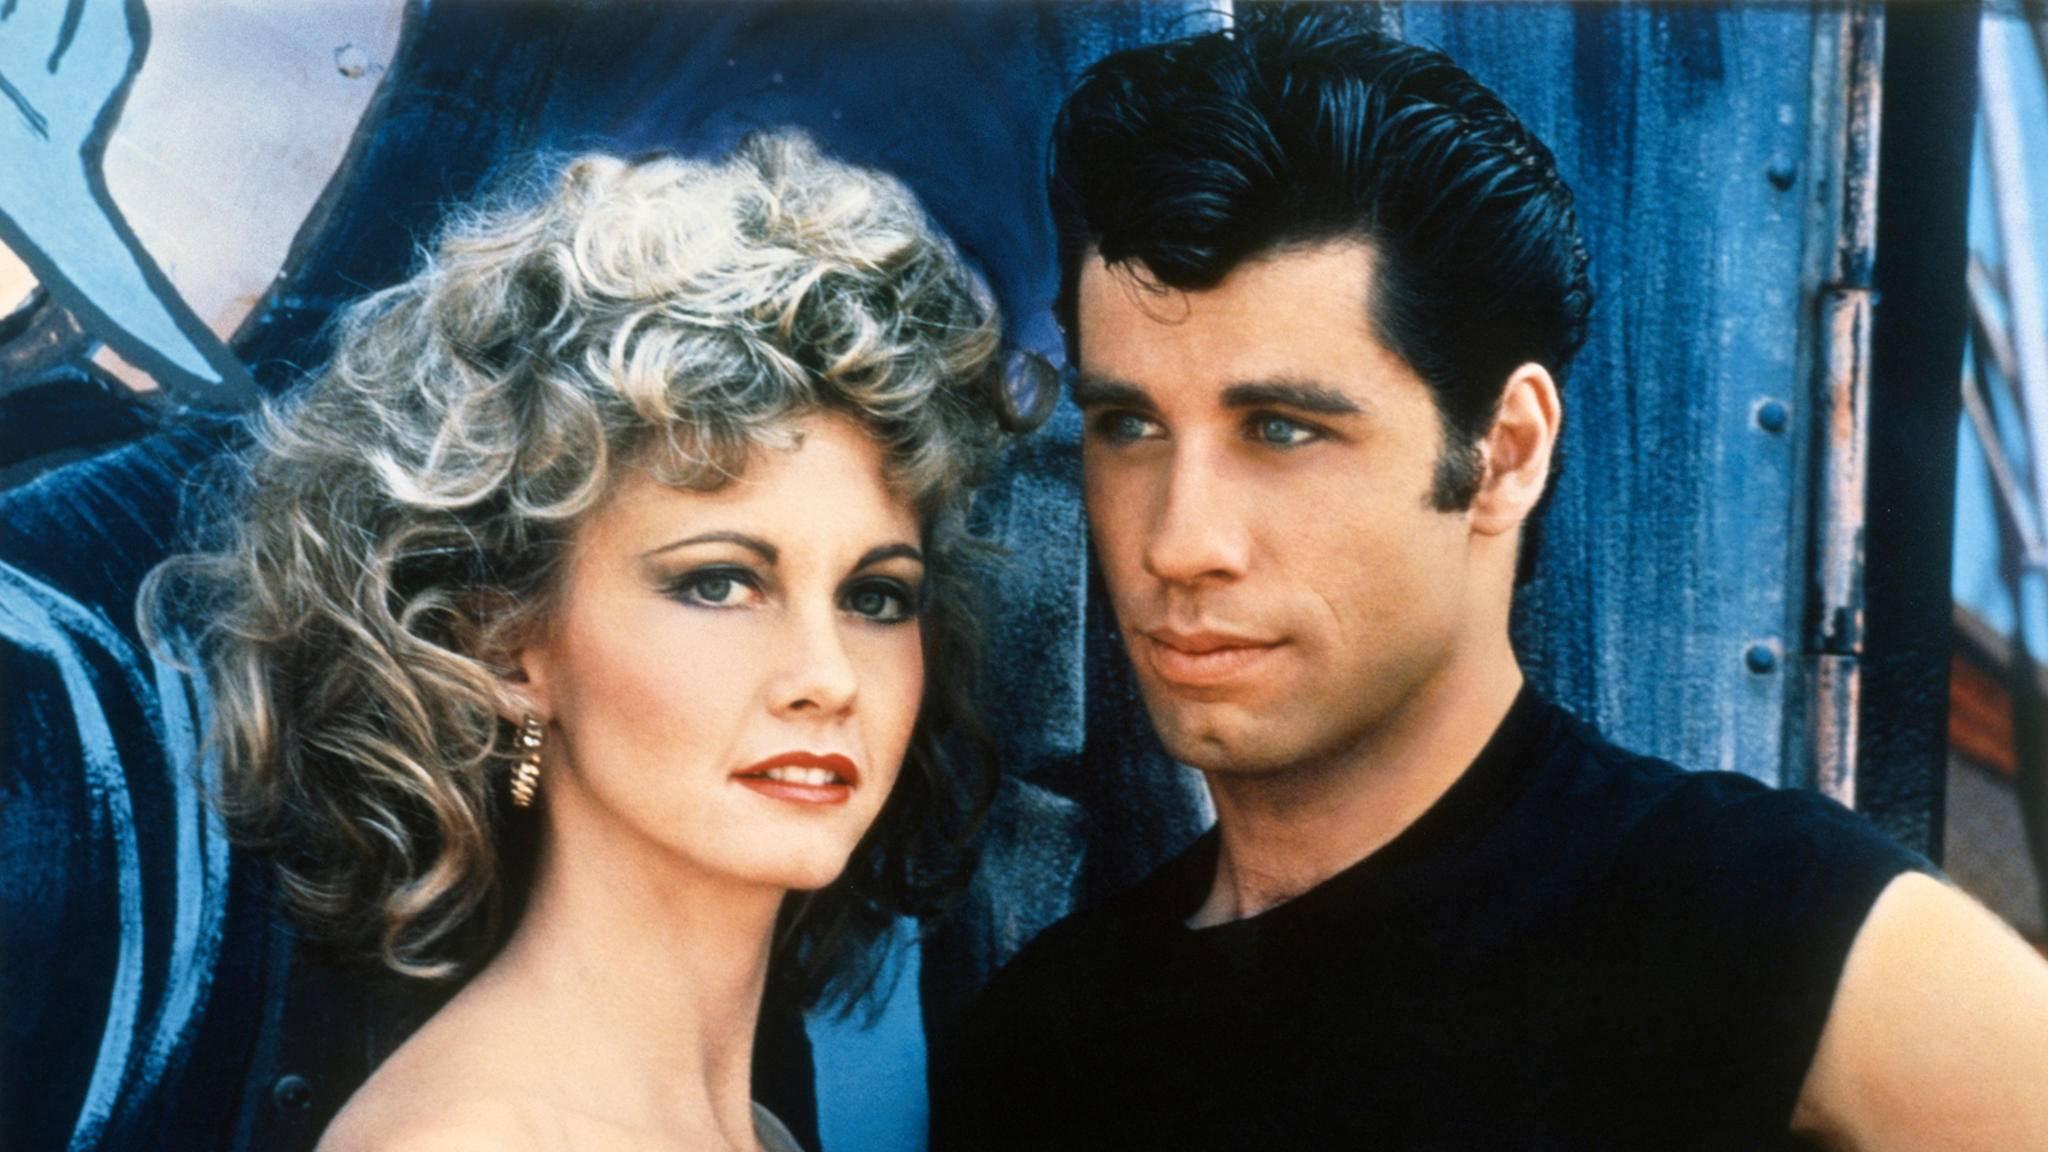 Das Kultmusical mit Olivia Newton-John und John Travolta bekommt einen Ableger.